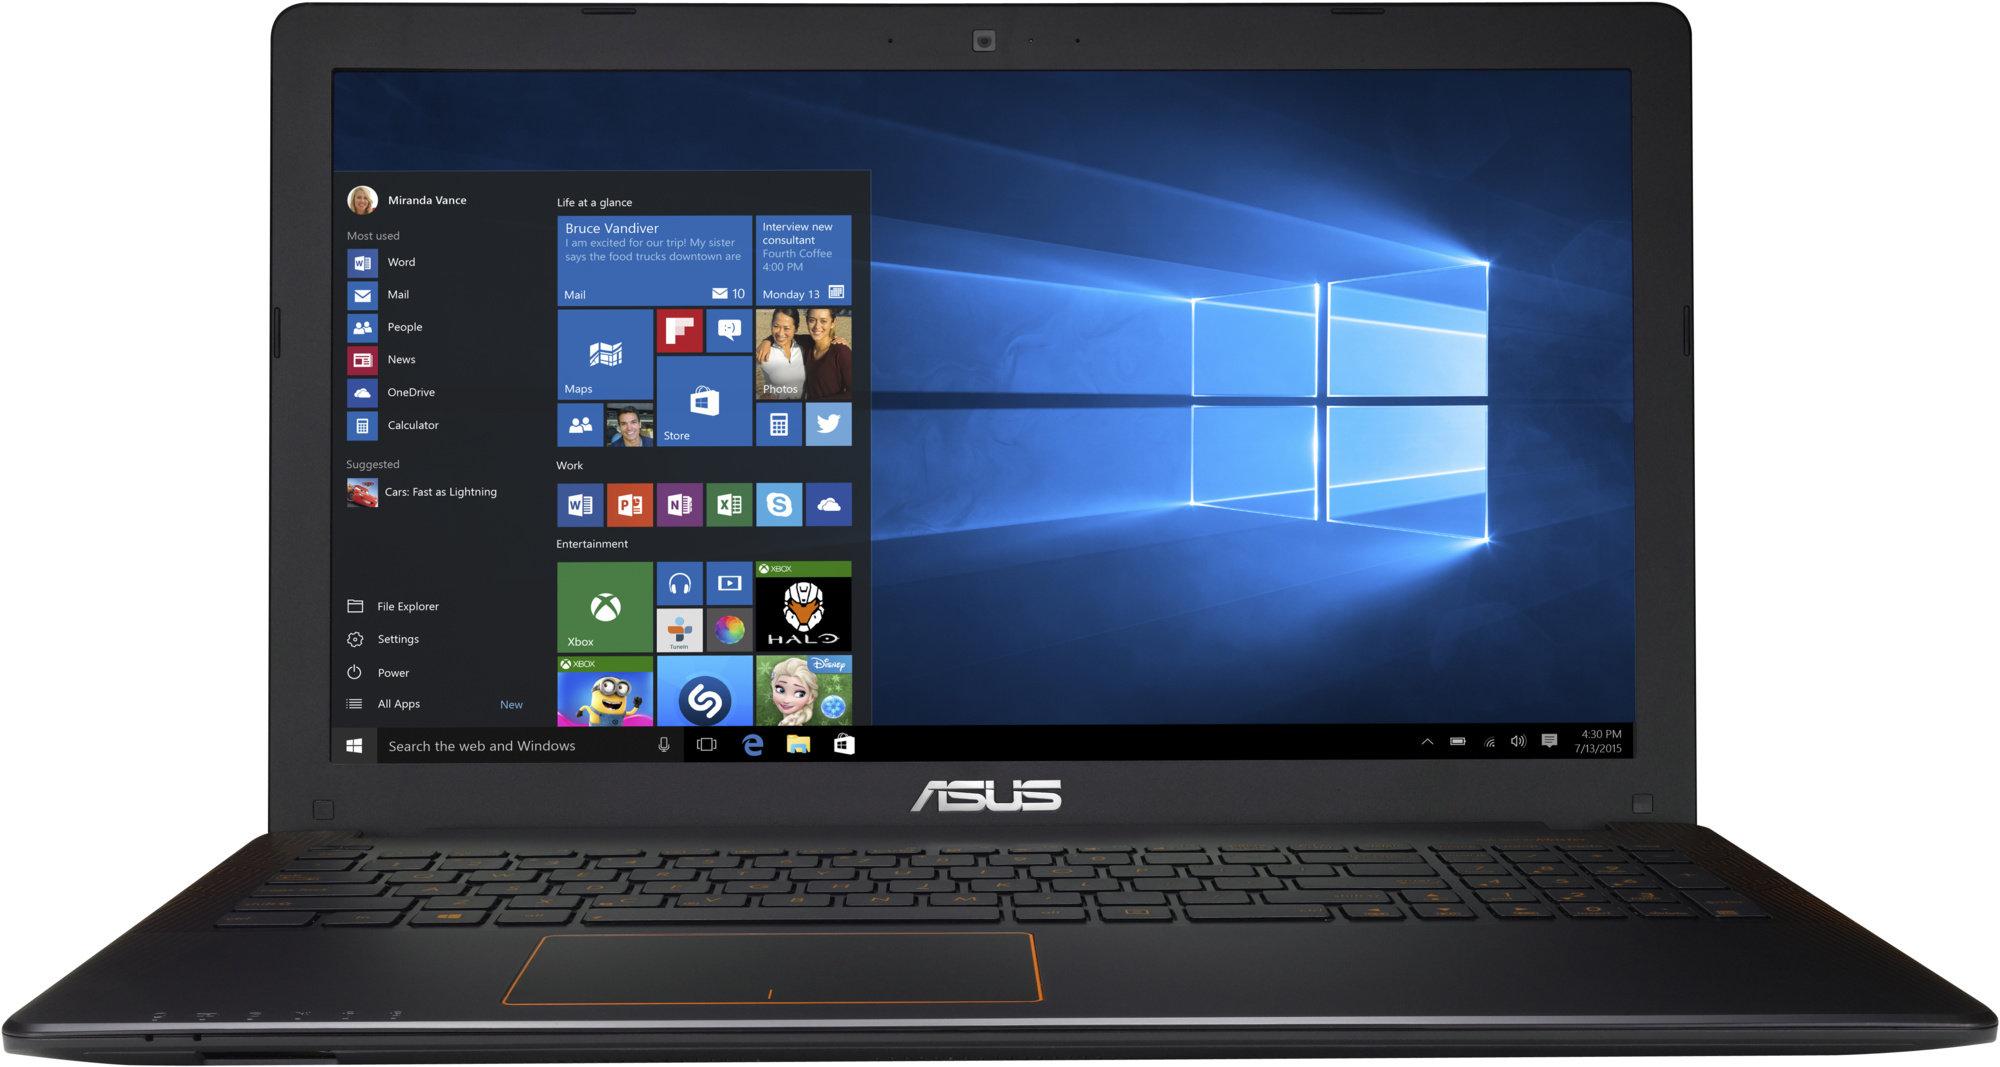 """ASUS F550VX-DM604 i7-7700HQ/8GB/1TB 7200 ot./GeForce GTX 950M/15.6"""" FHD LED matný/Black"""